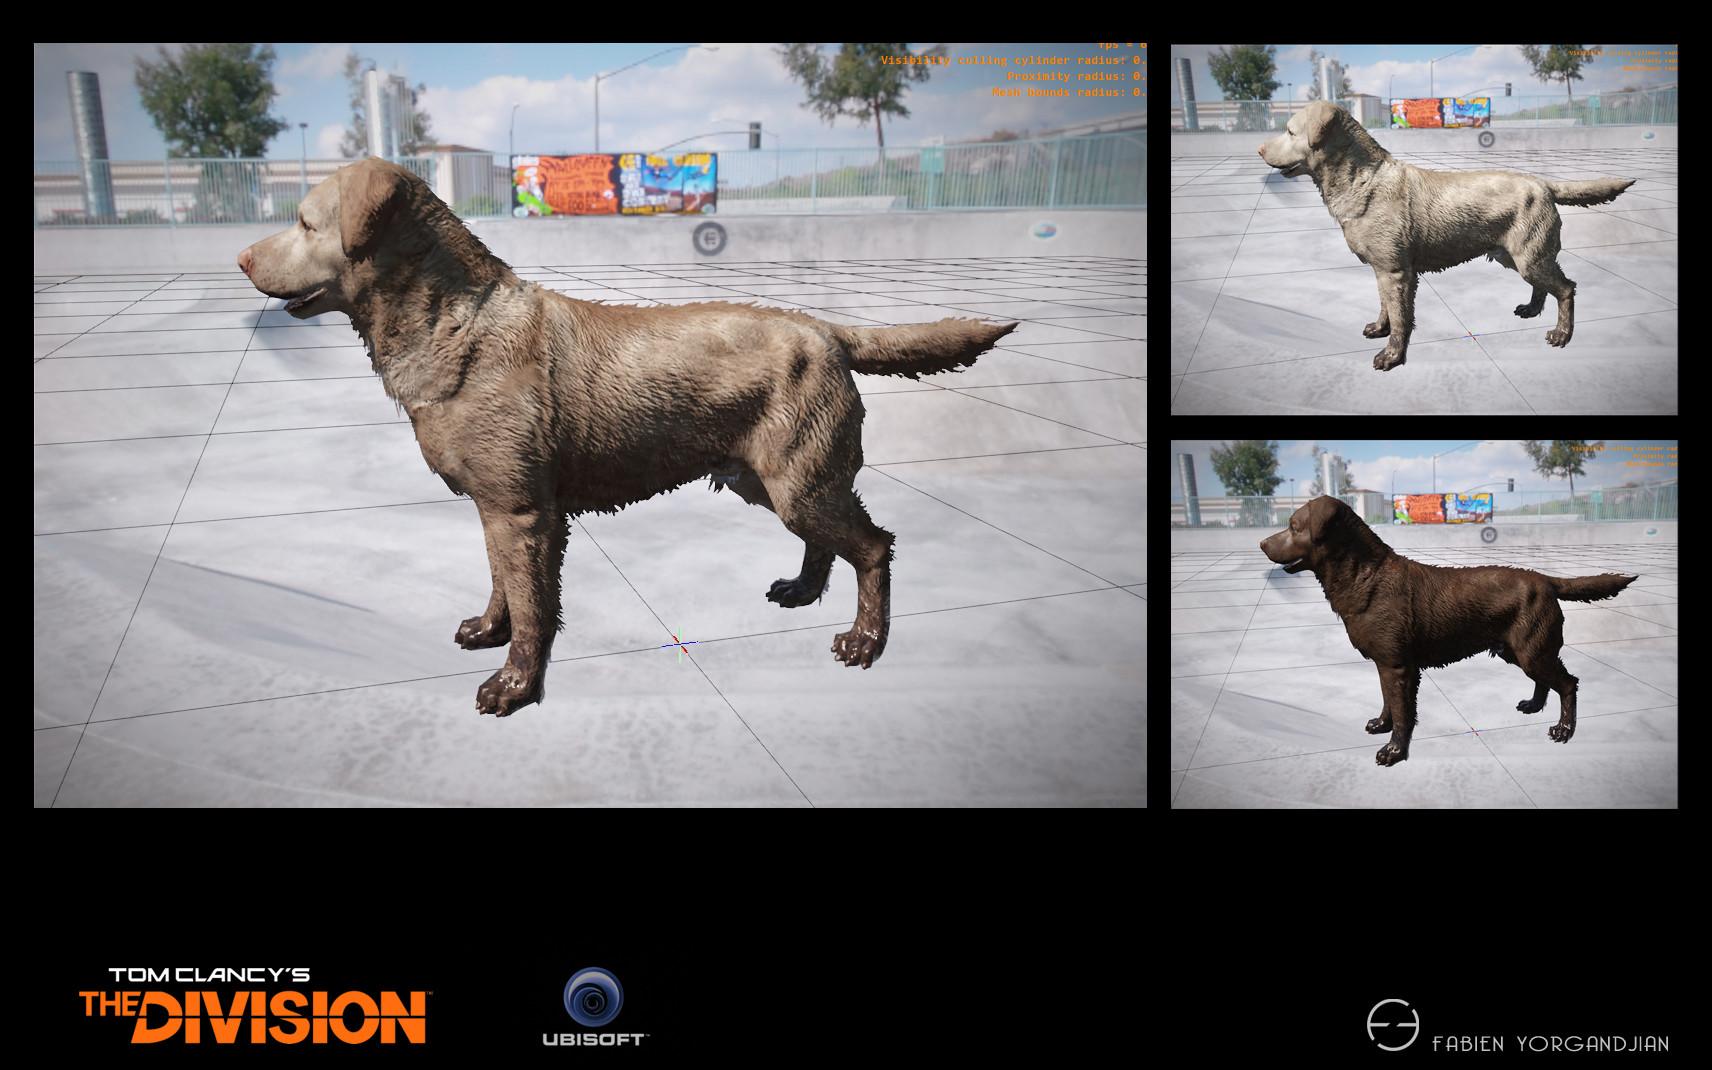 Fabien yorgandjian the division dog05 ingame